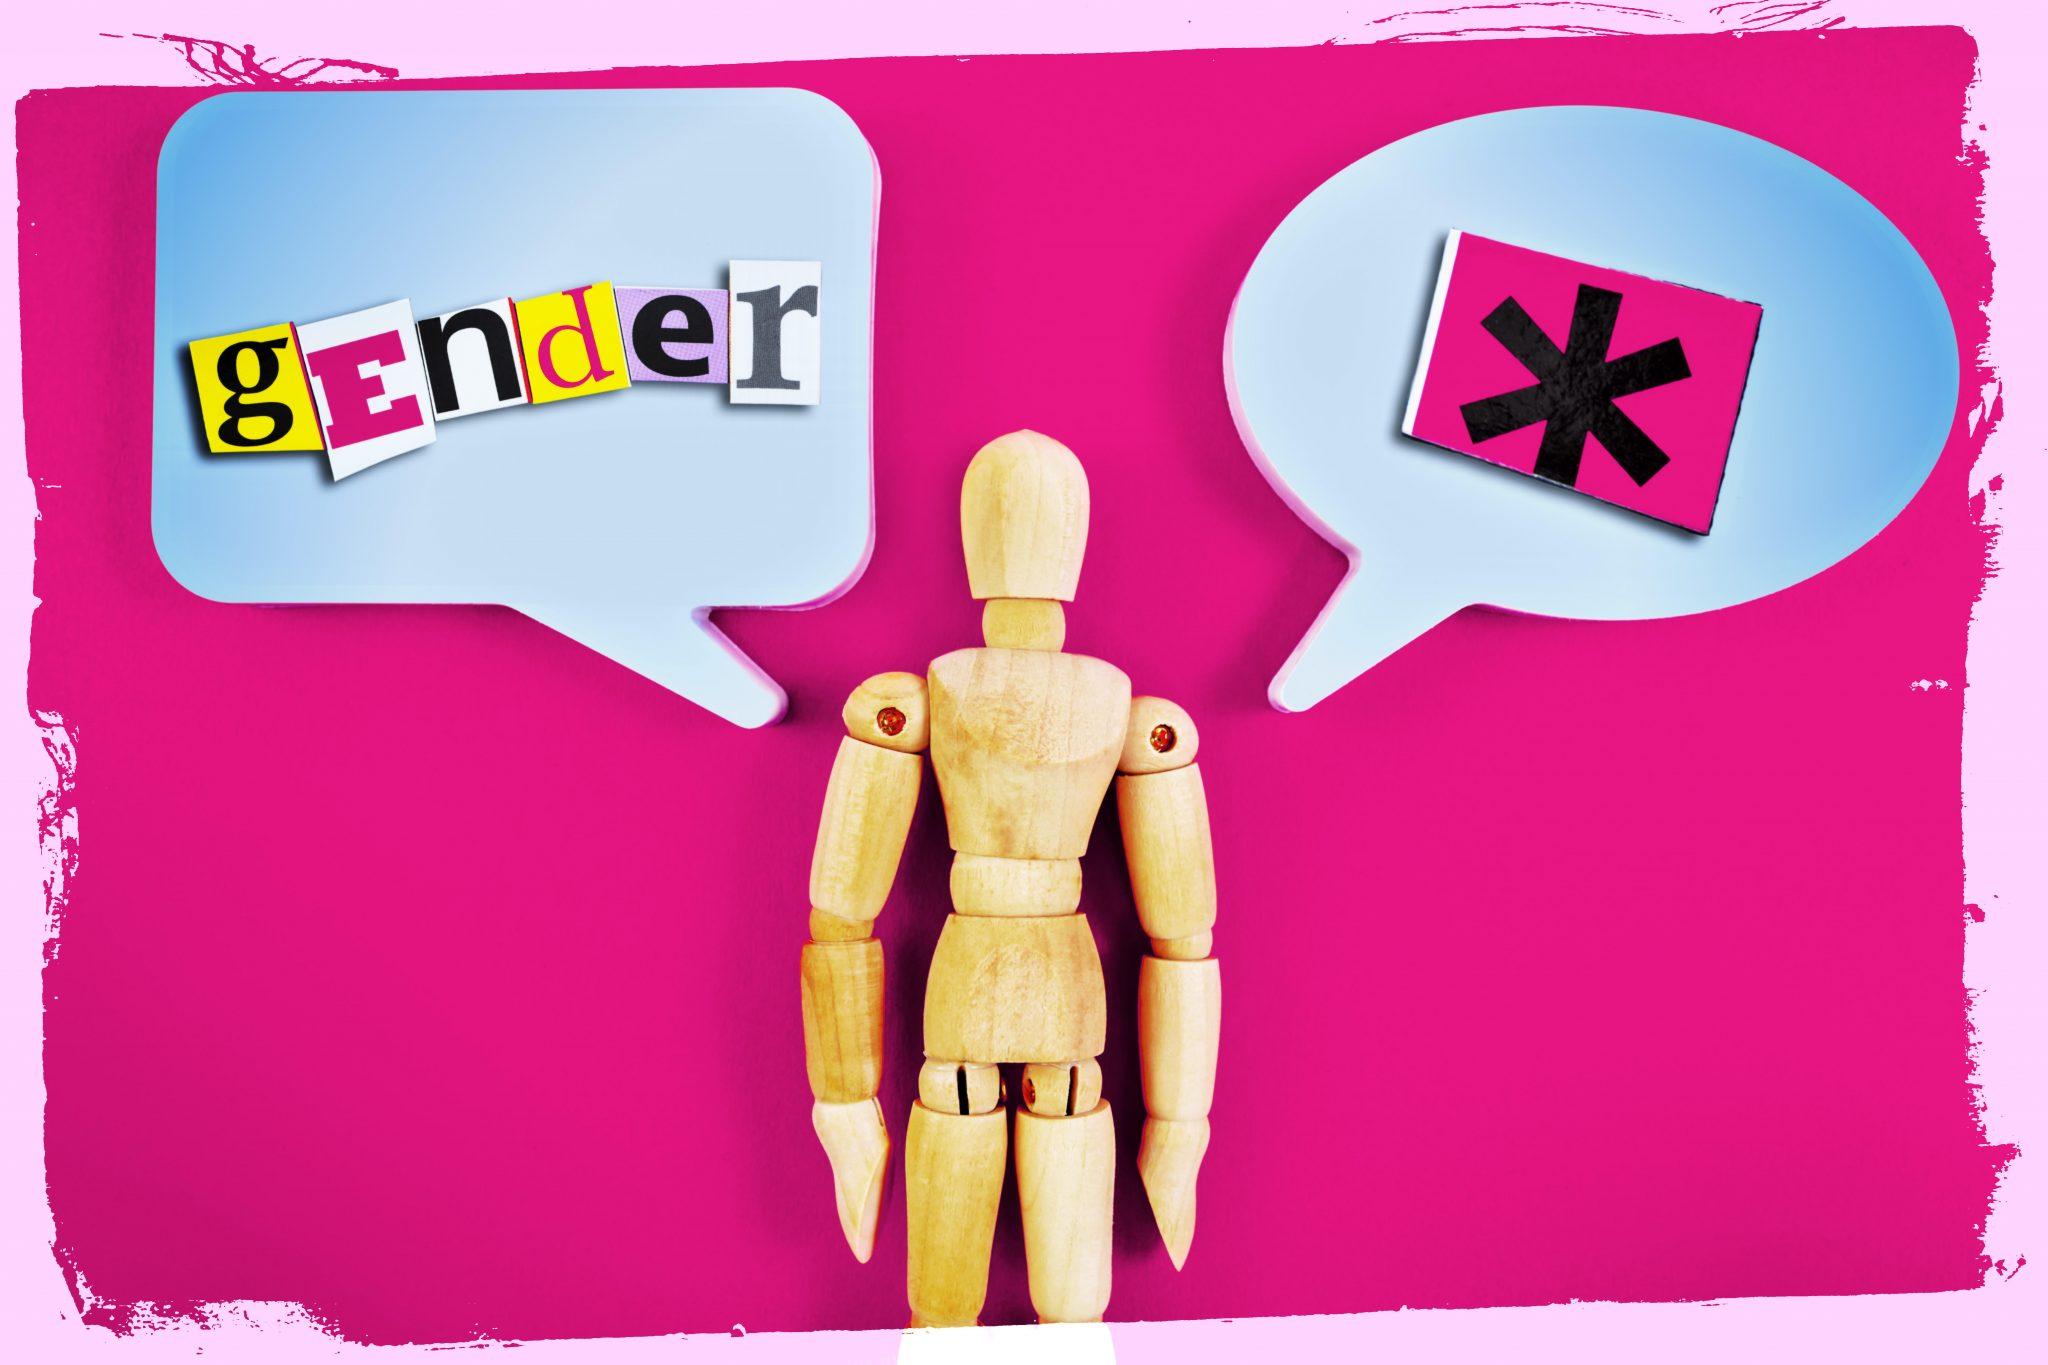 Die sogenannte geschlechtergerechte Sprache soll auch in der Evangelischen Kirche gelten (Symbolbild) Foto: picture alliance/chromorange